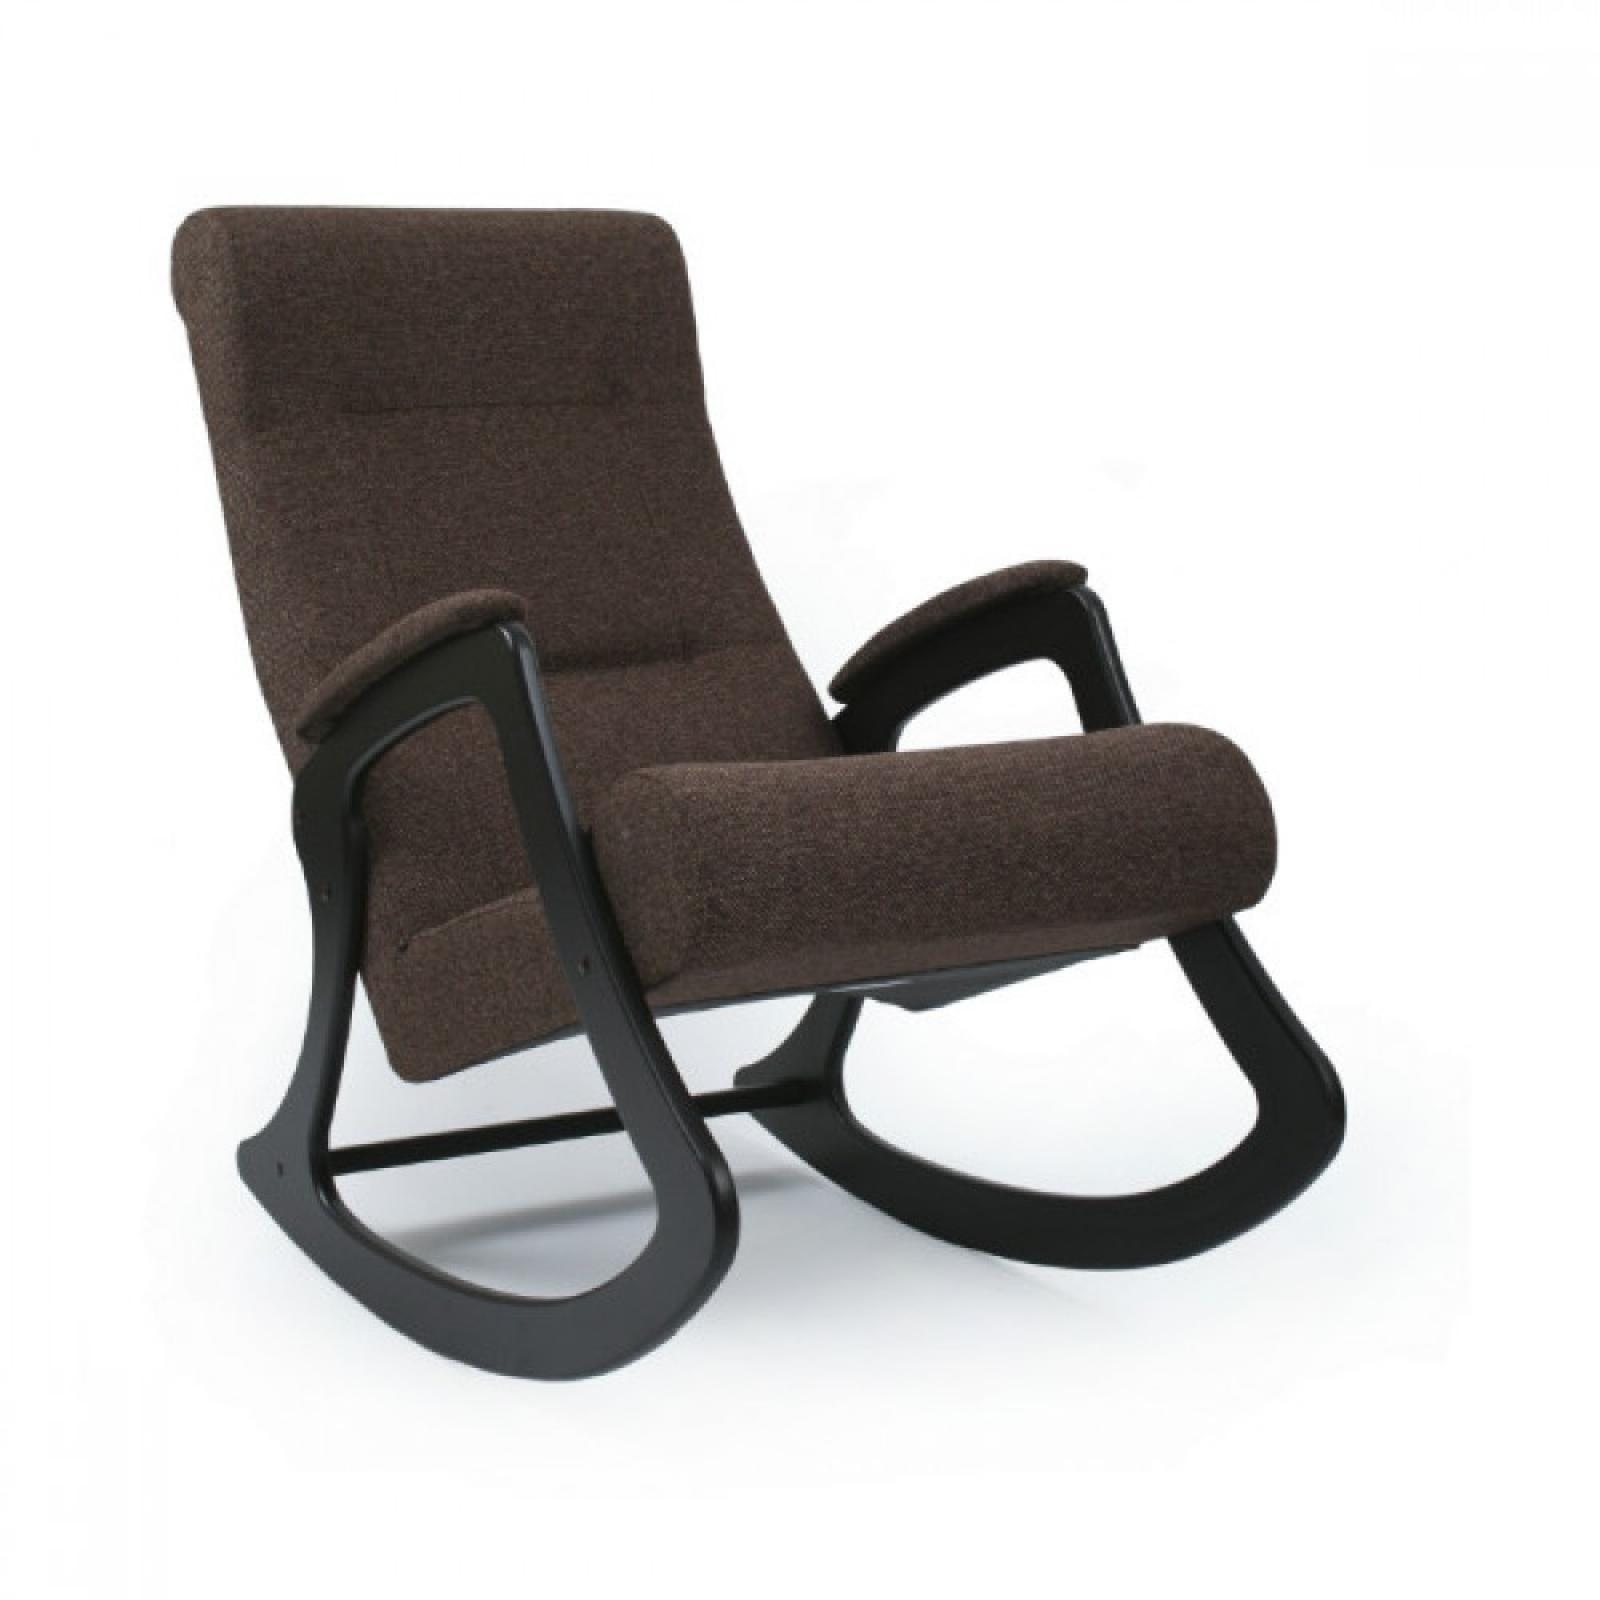 Кресло-качалка, Модель 2 Венге/Мальта 15 - 1